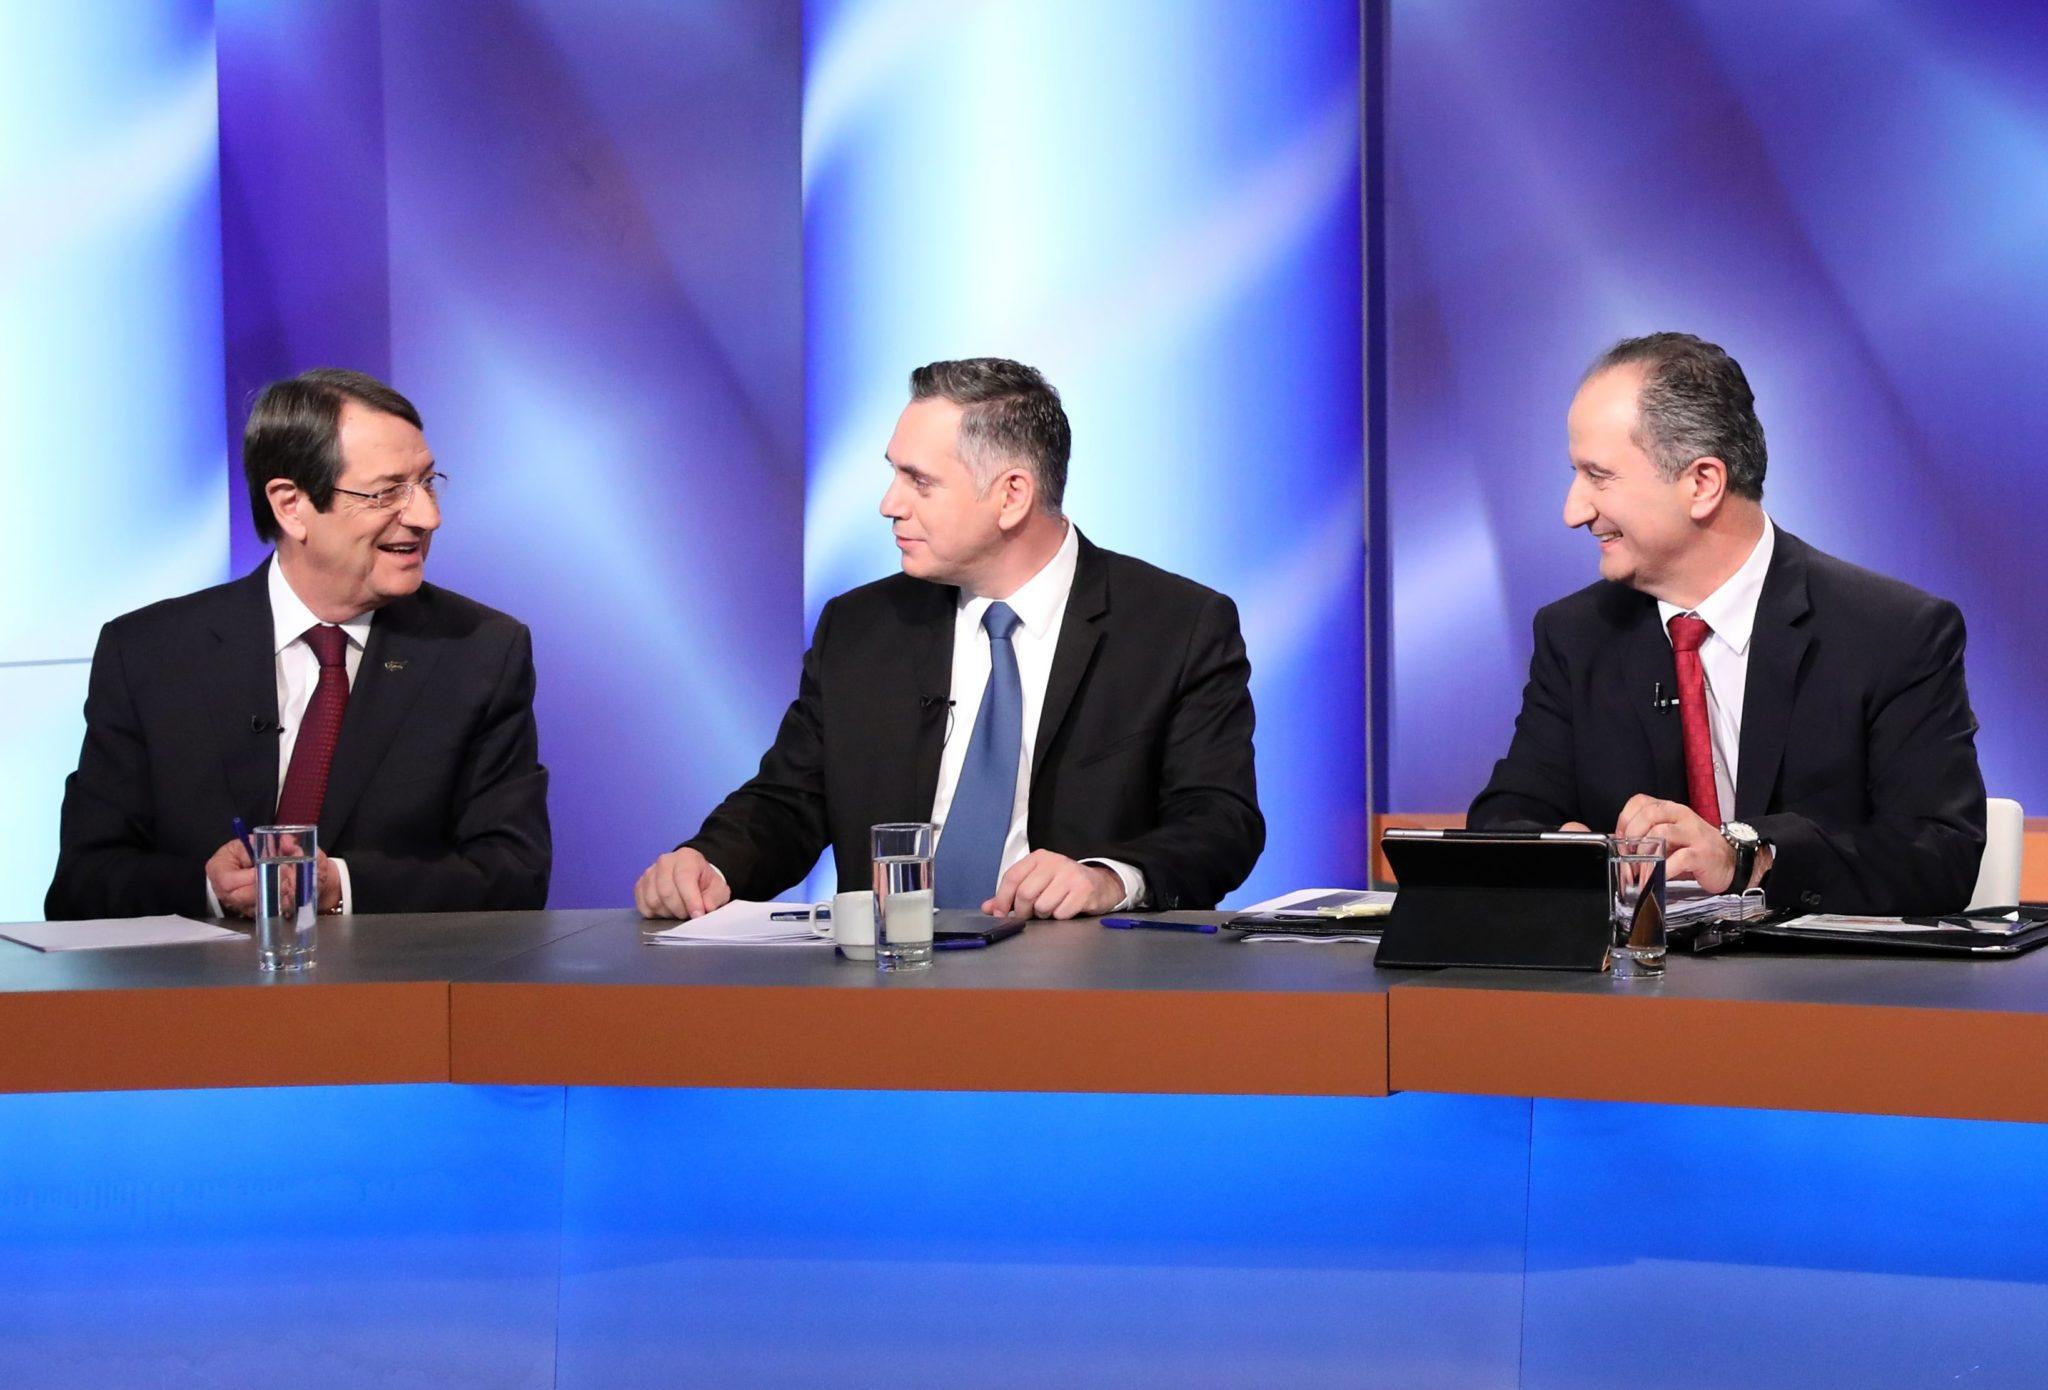 Cypr: debata prezydencka 5 głównych kandydatów, 1. tura odbędzie się w niedzielę, fot: Katia Christodolou, PAP/EPA